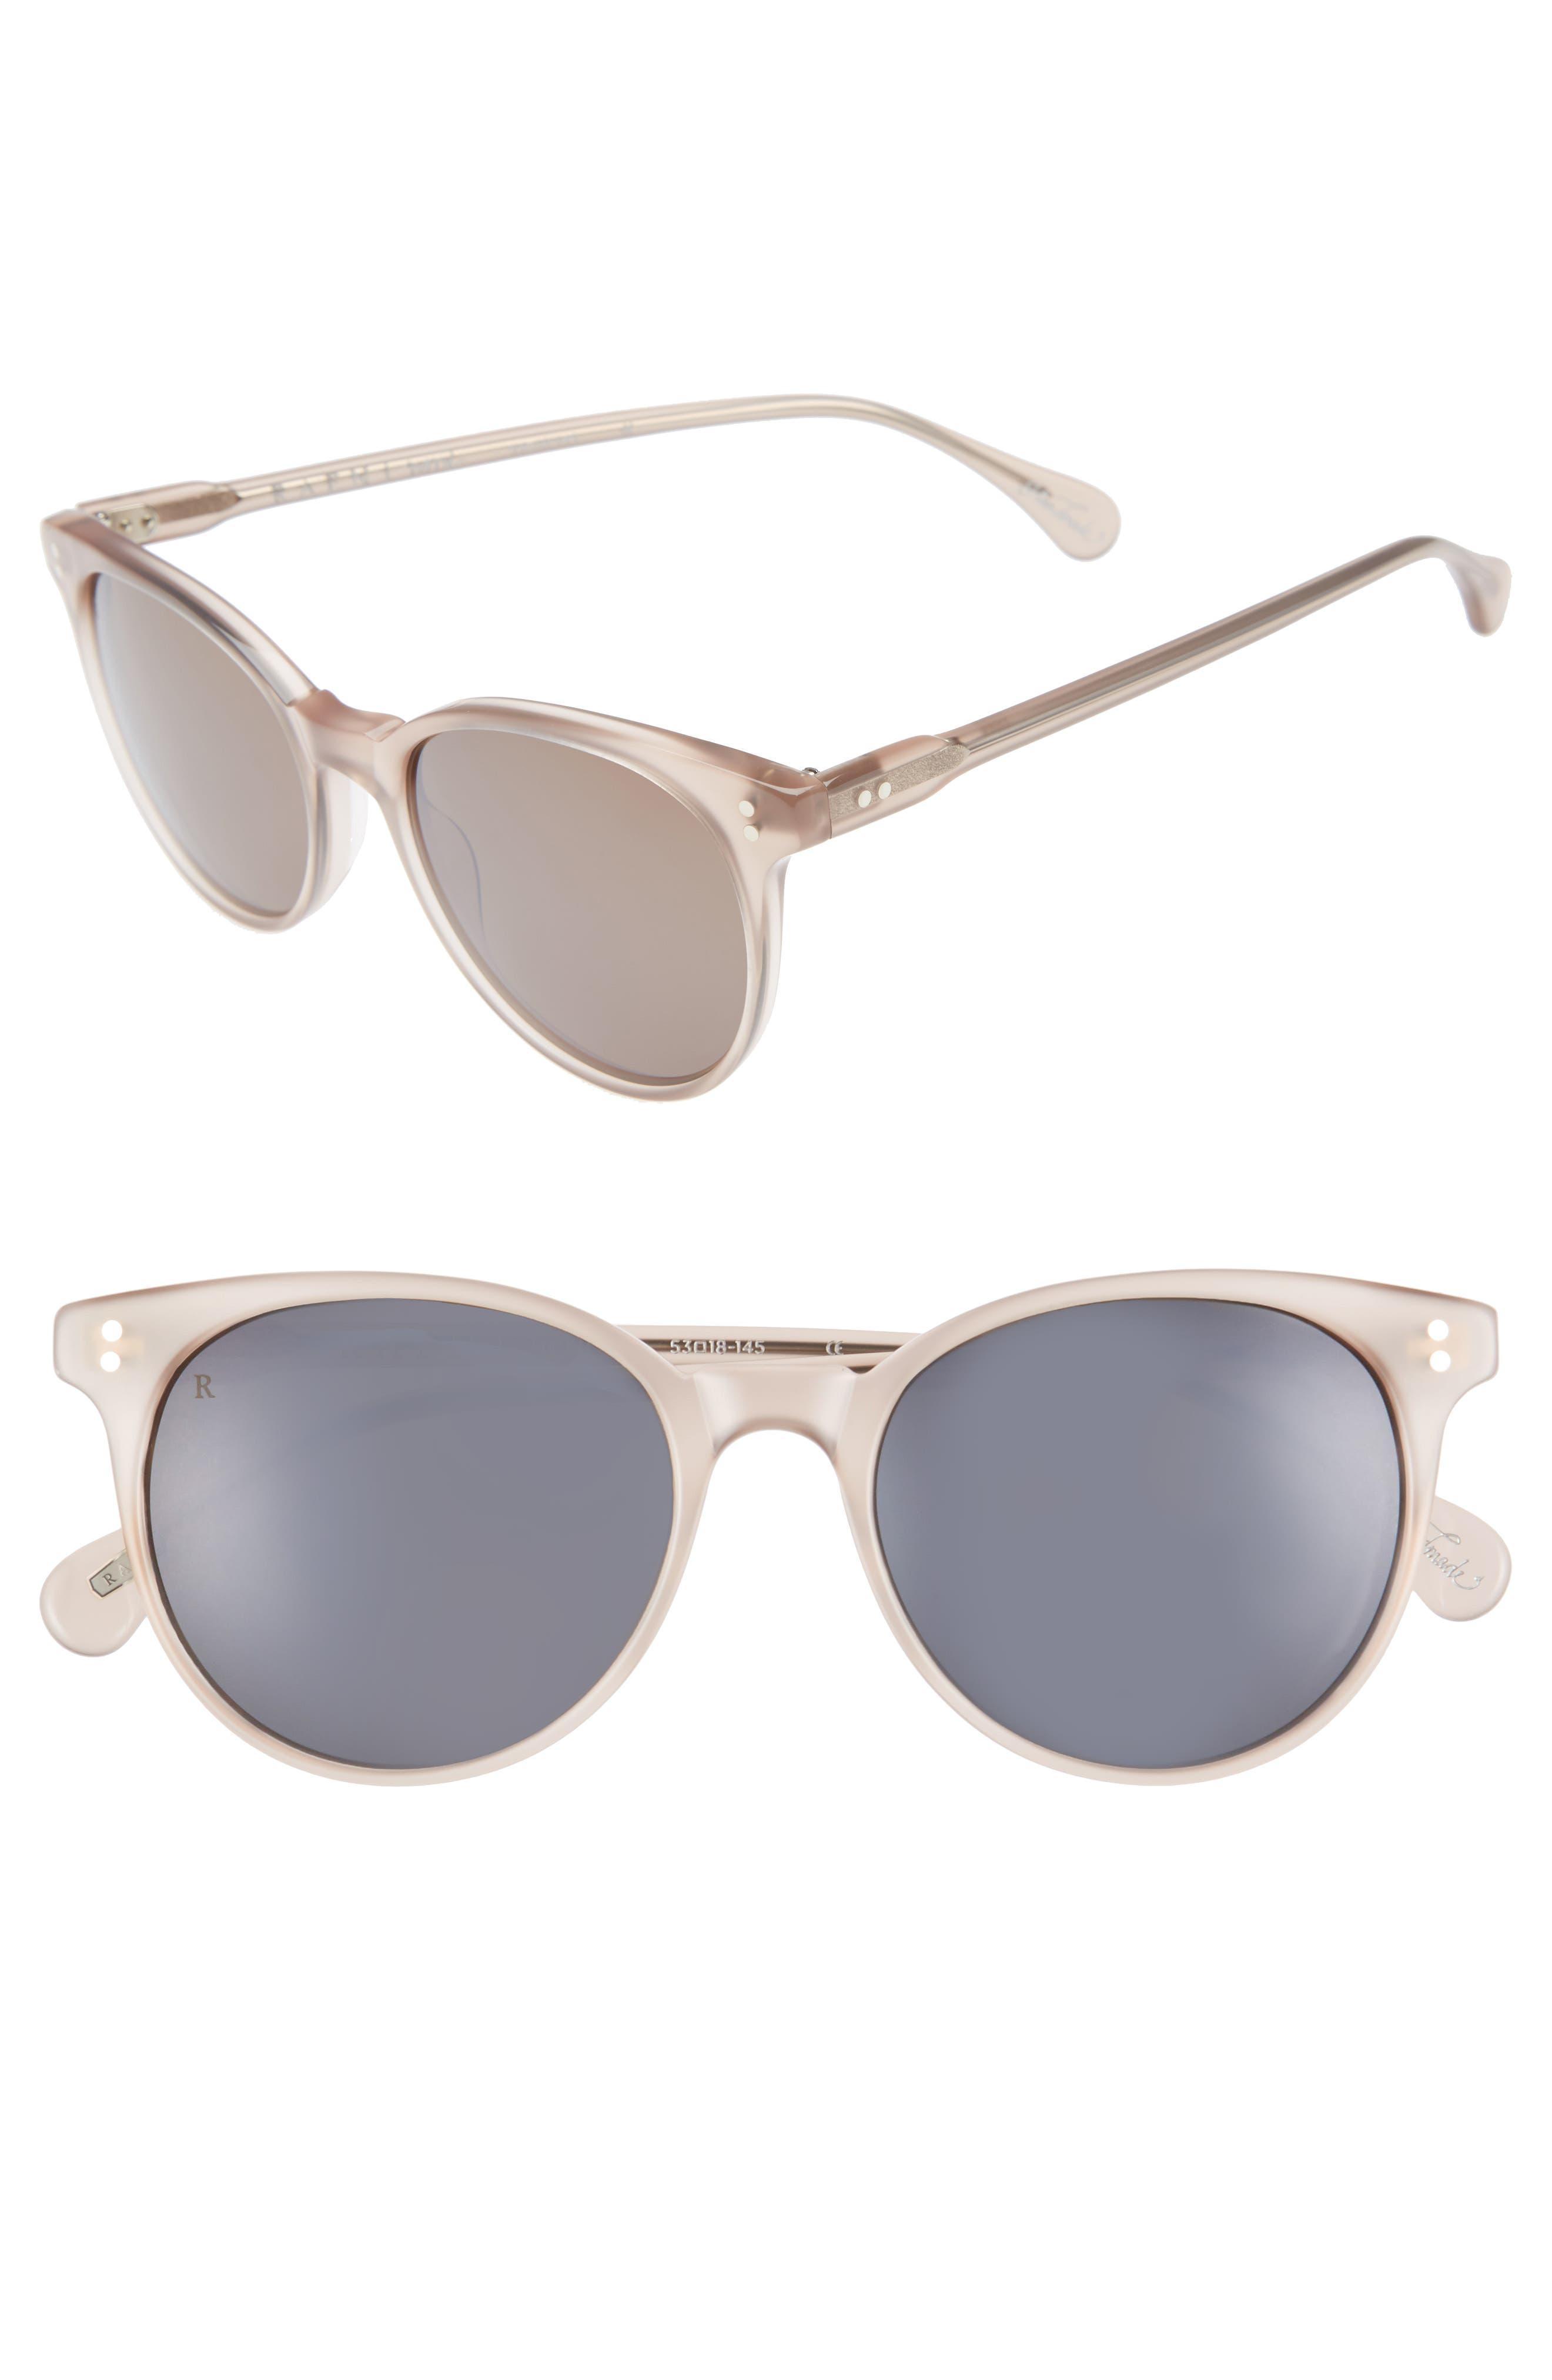 Norie 51mm Cat Eye Mirrored Lens Sunglasses,                         Main,                         color, FLESH